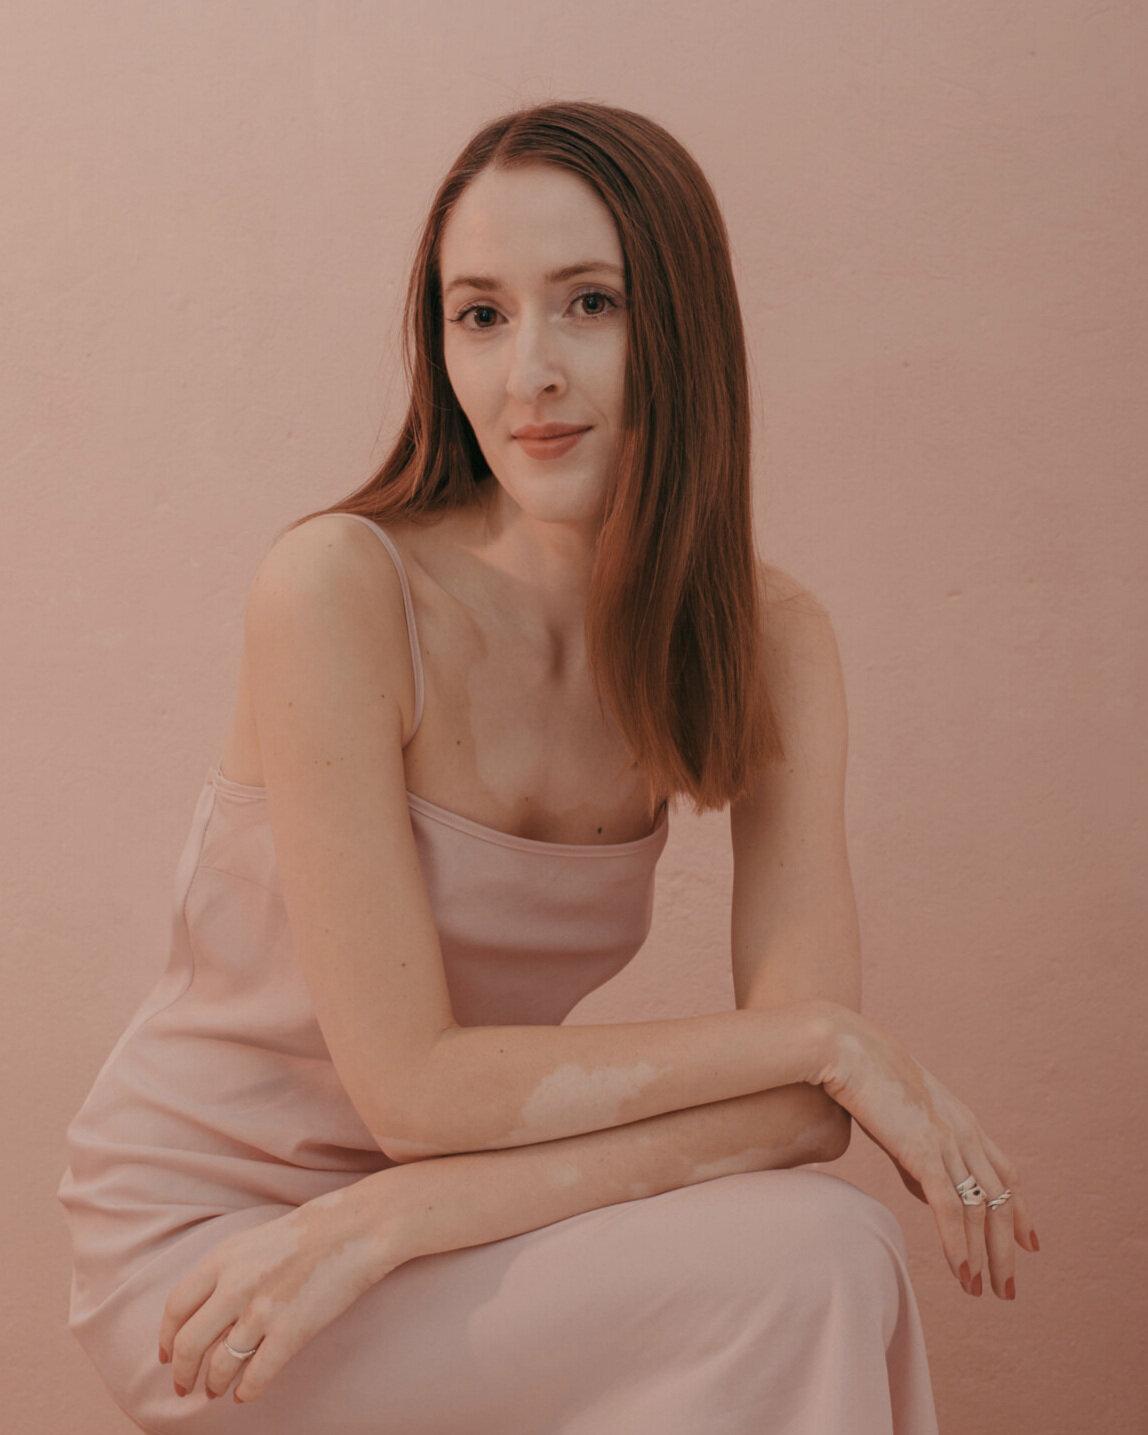 CHERIE是可持续时尚Matterz的创始人和创意总监。188博金宝取现在博客中,她介绍了可持续发展的时尚品牌、业内人士,并强调了时尚行动主义。